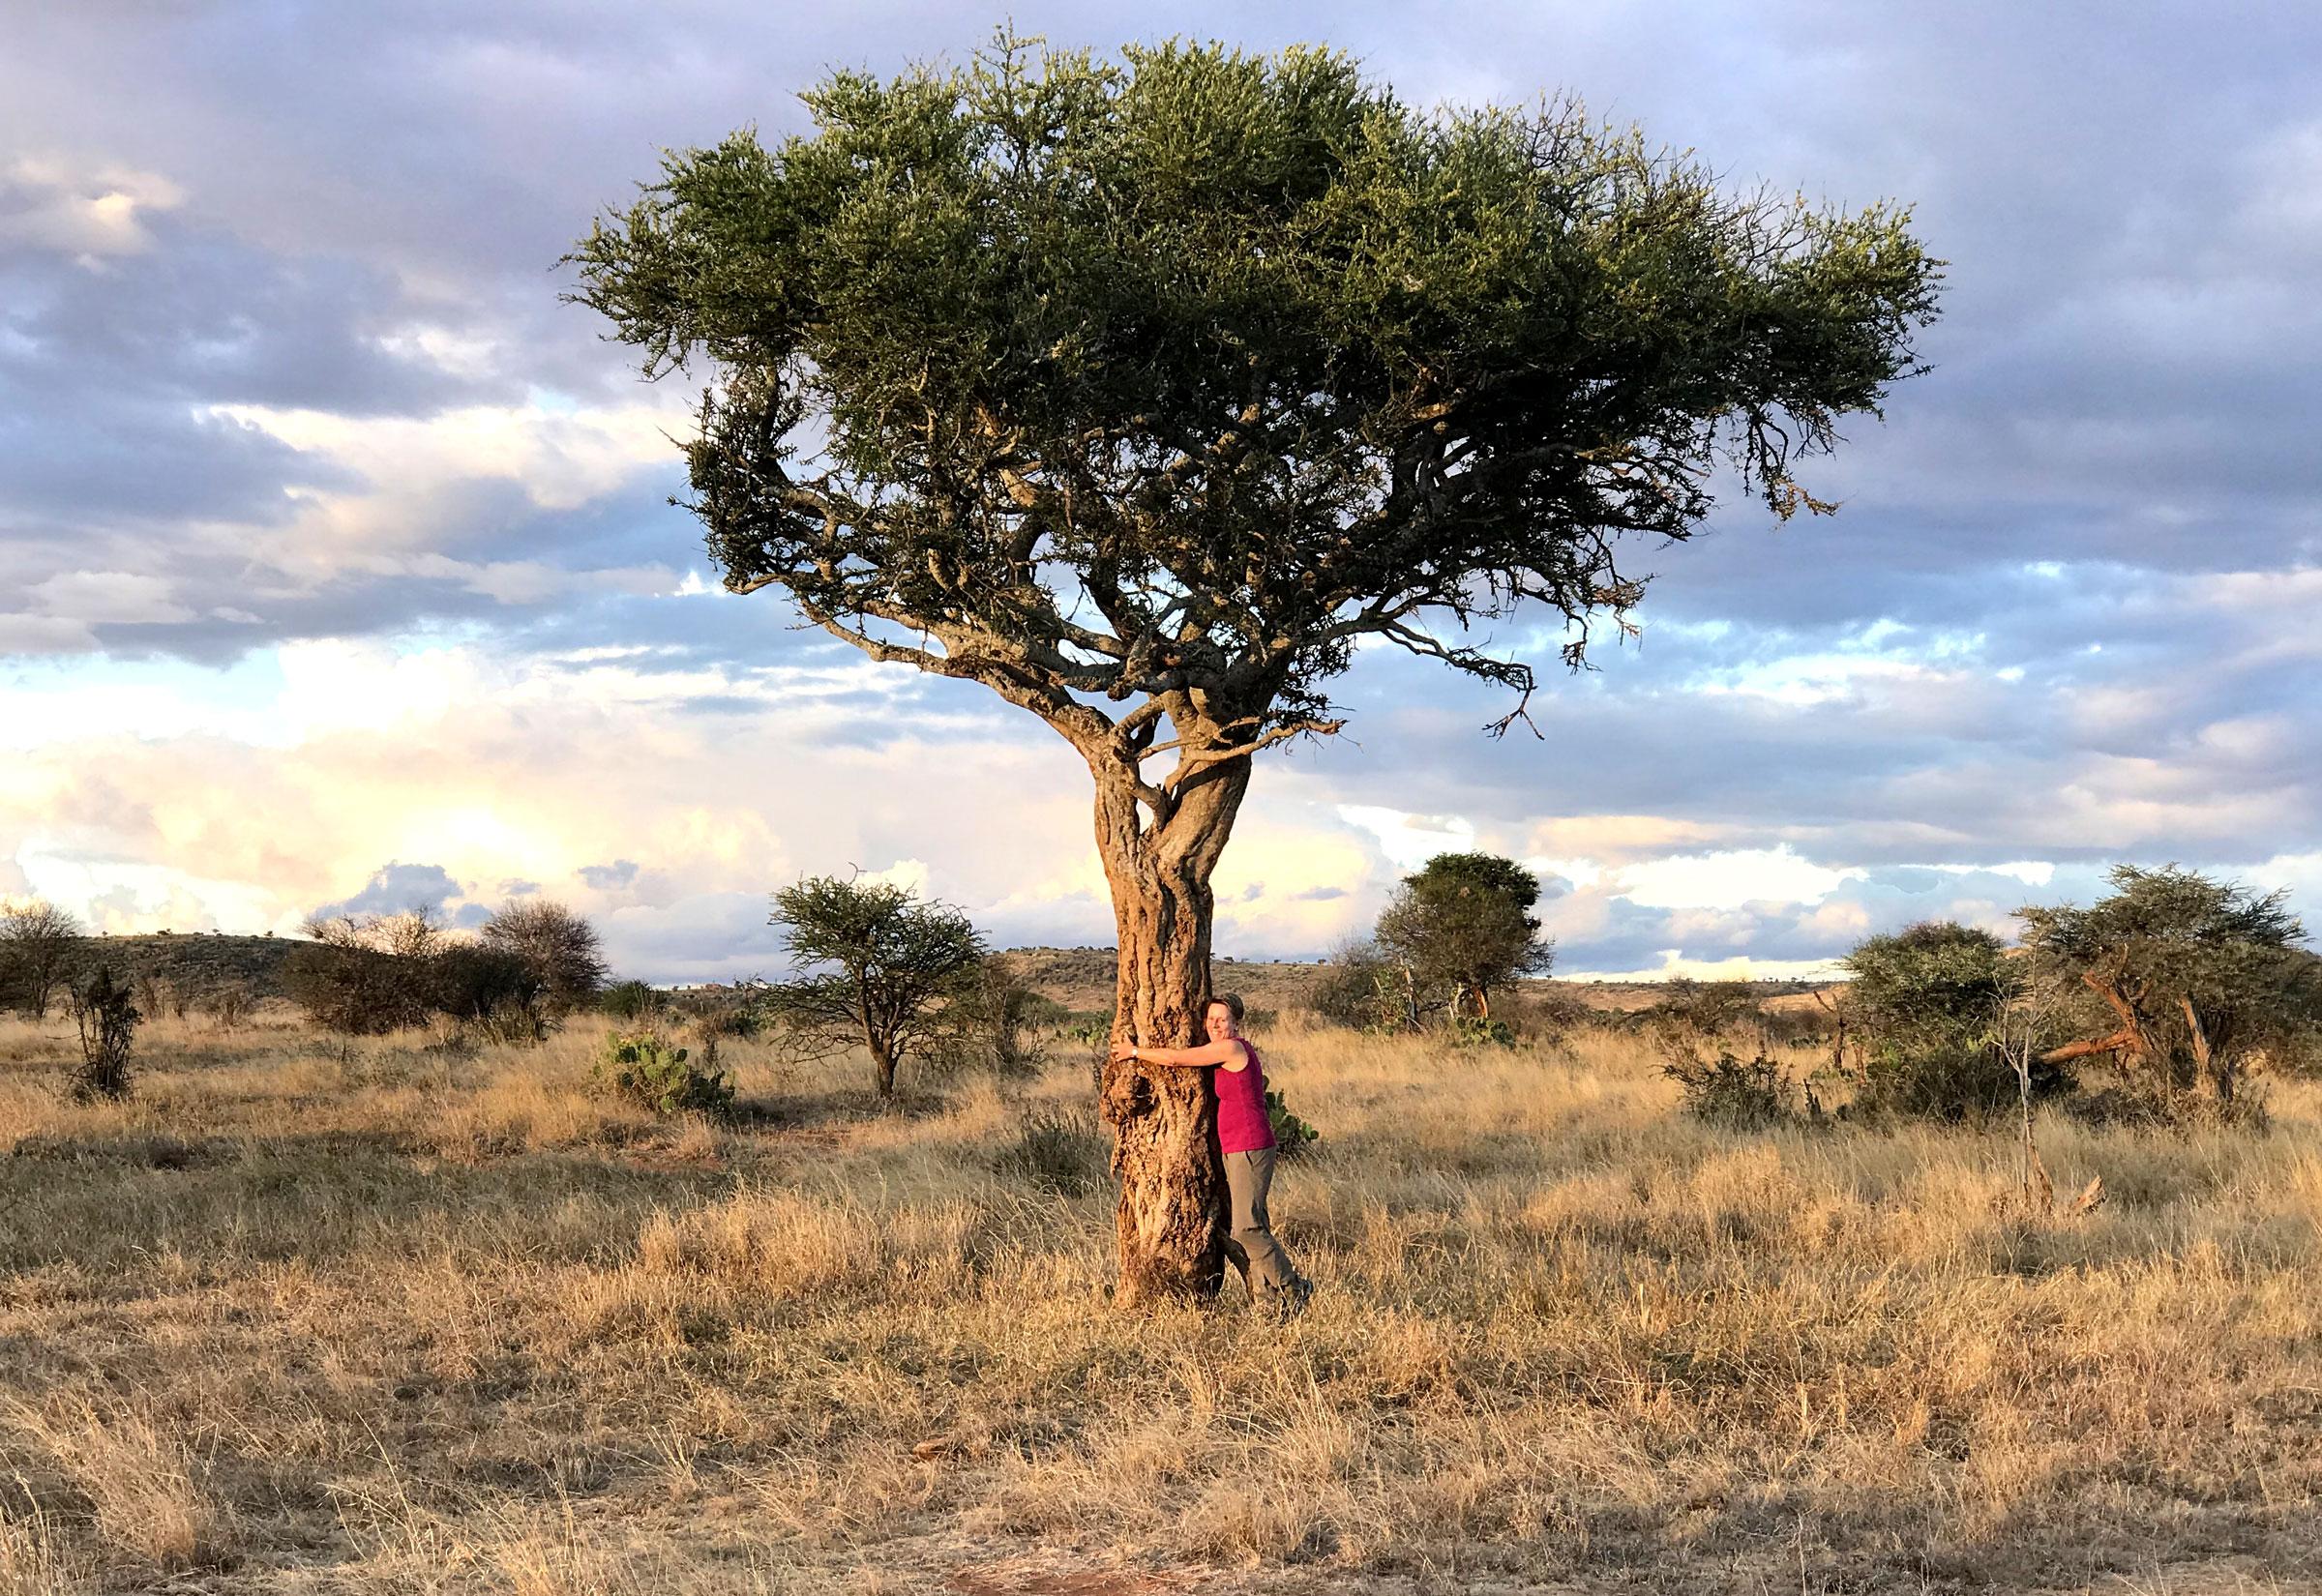 https://www.outback-africa.de/imagedb/files/e1081aa9f20ea52197c029f7de68182df74432d8.jpg